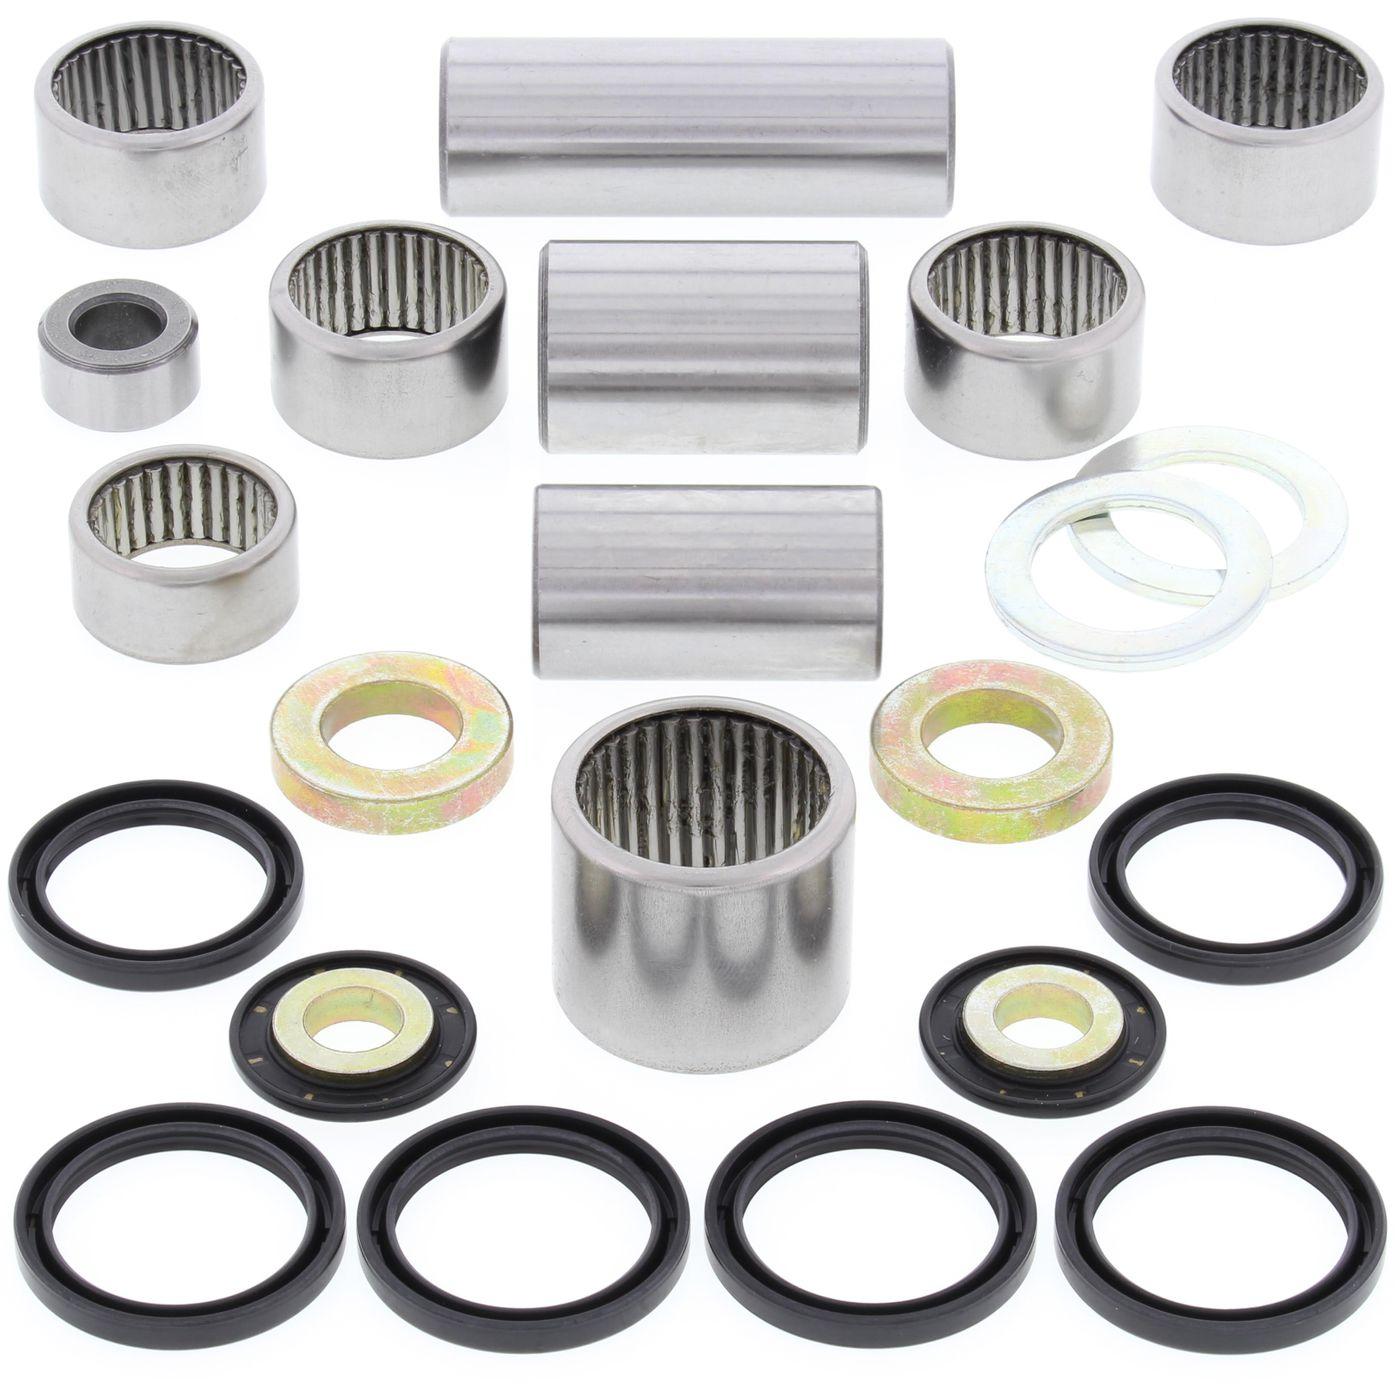 Wrp Shock Linkage Bearing Kits - WRP271035 image